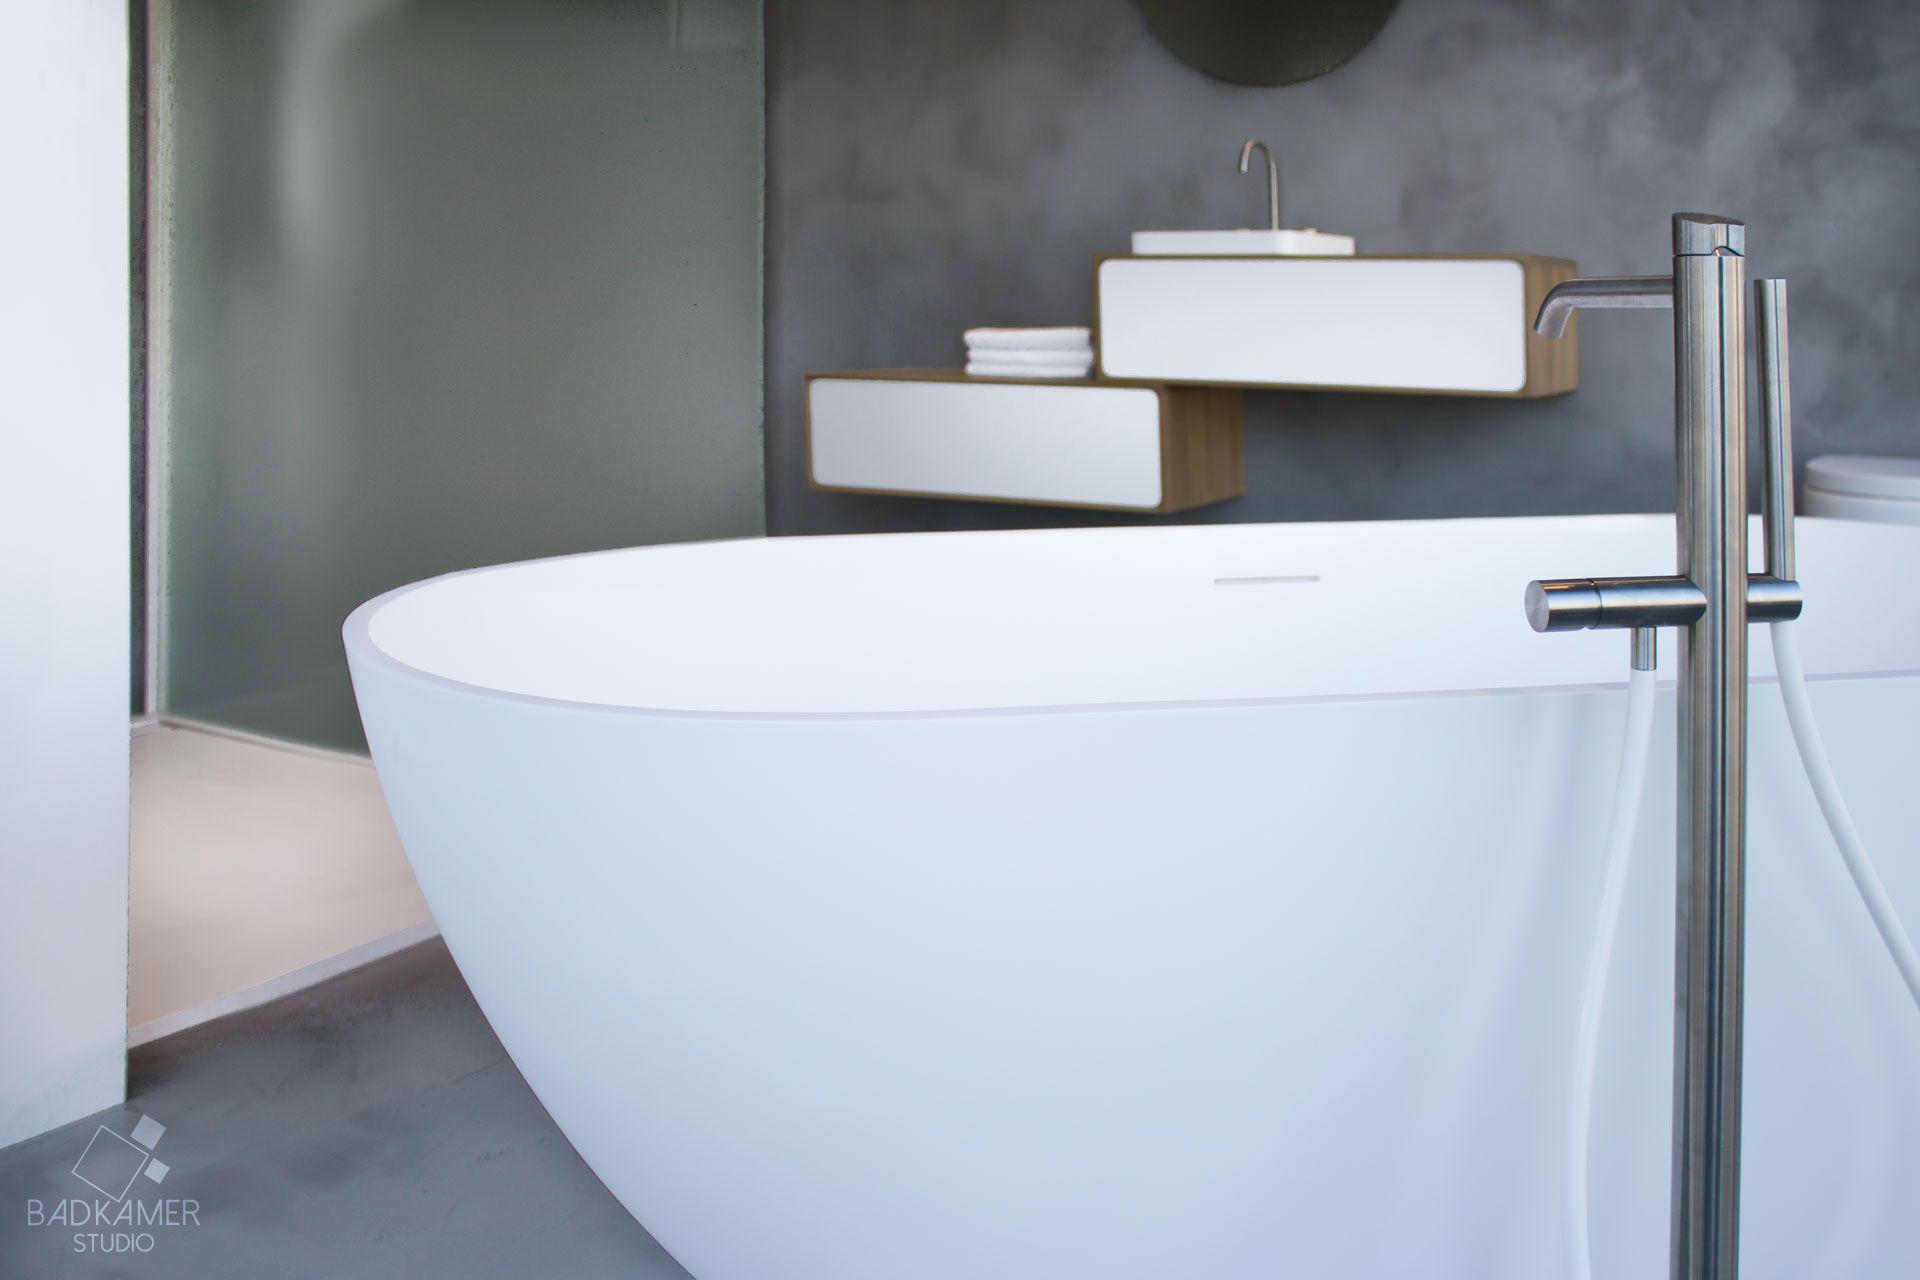 maatwerk badkamer waarbij gebruik is gemaakt van beton cirà micro